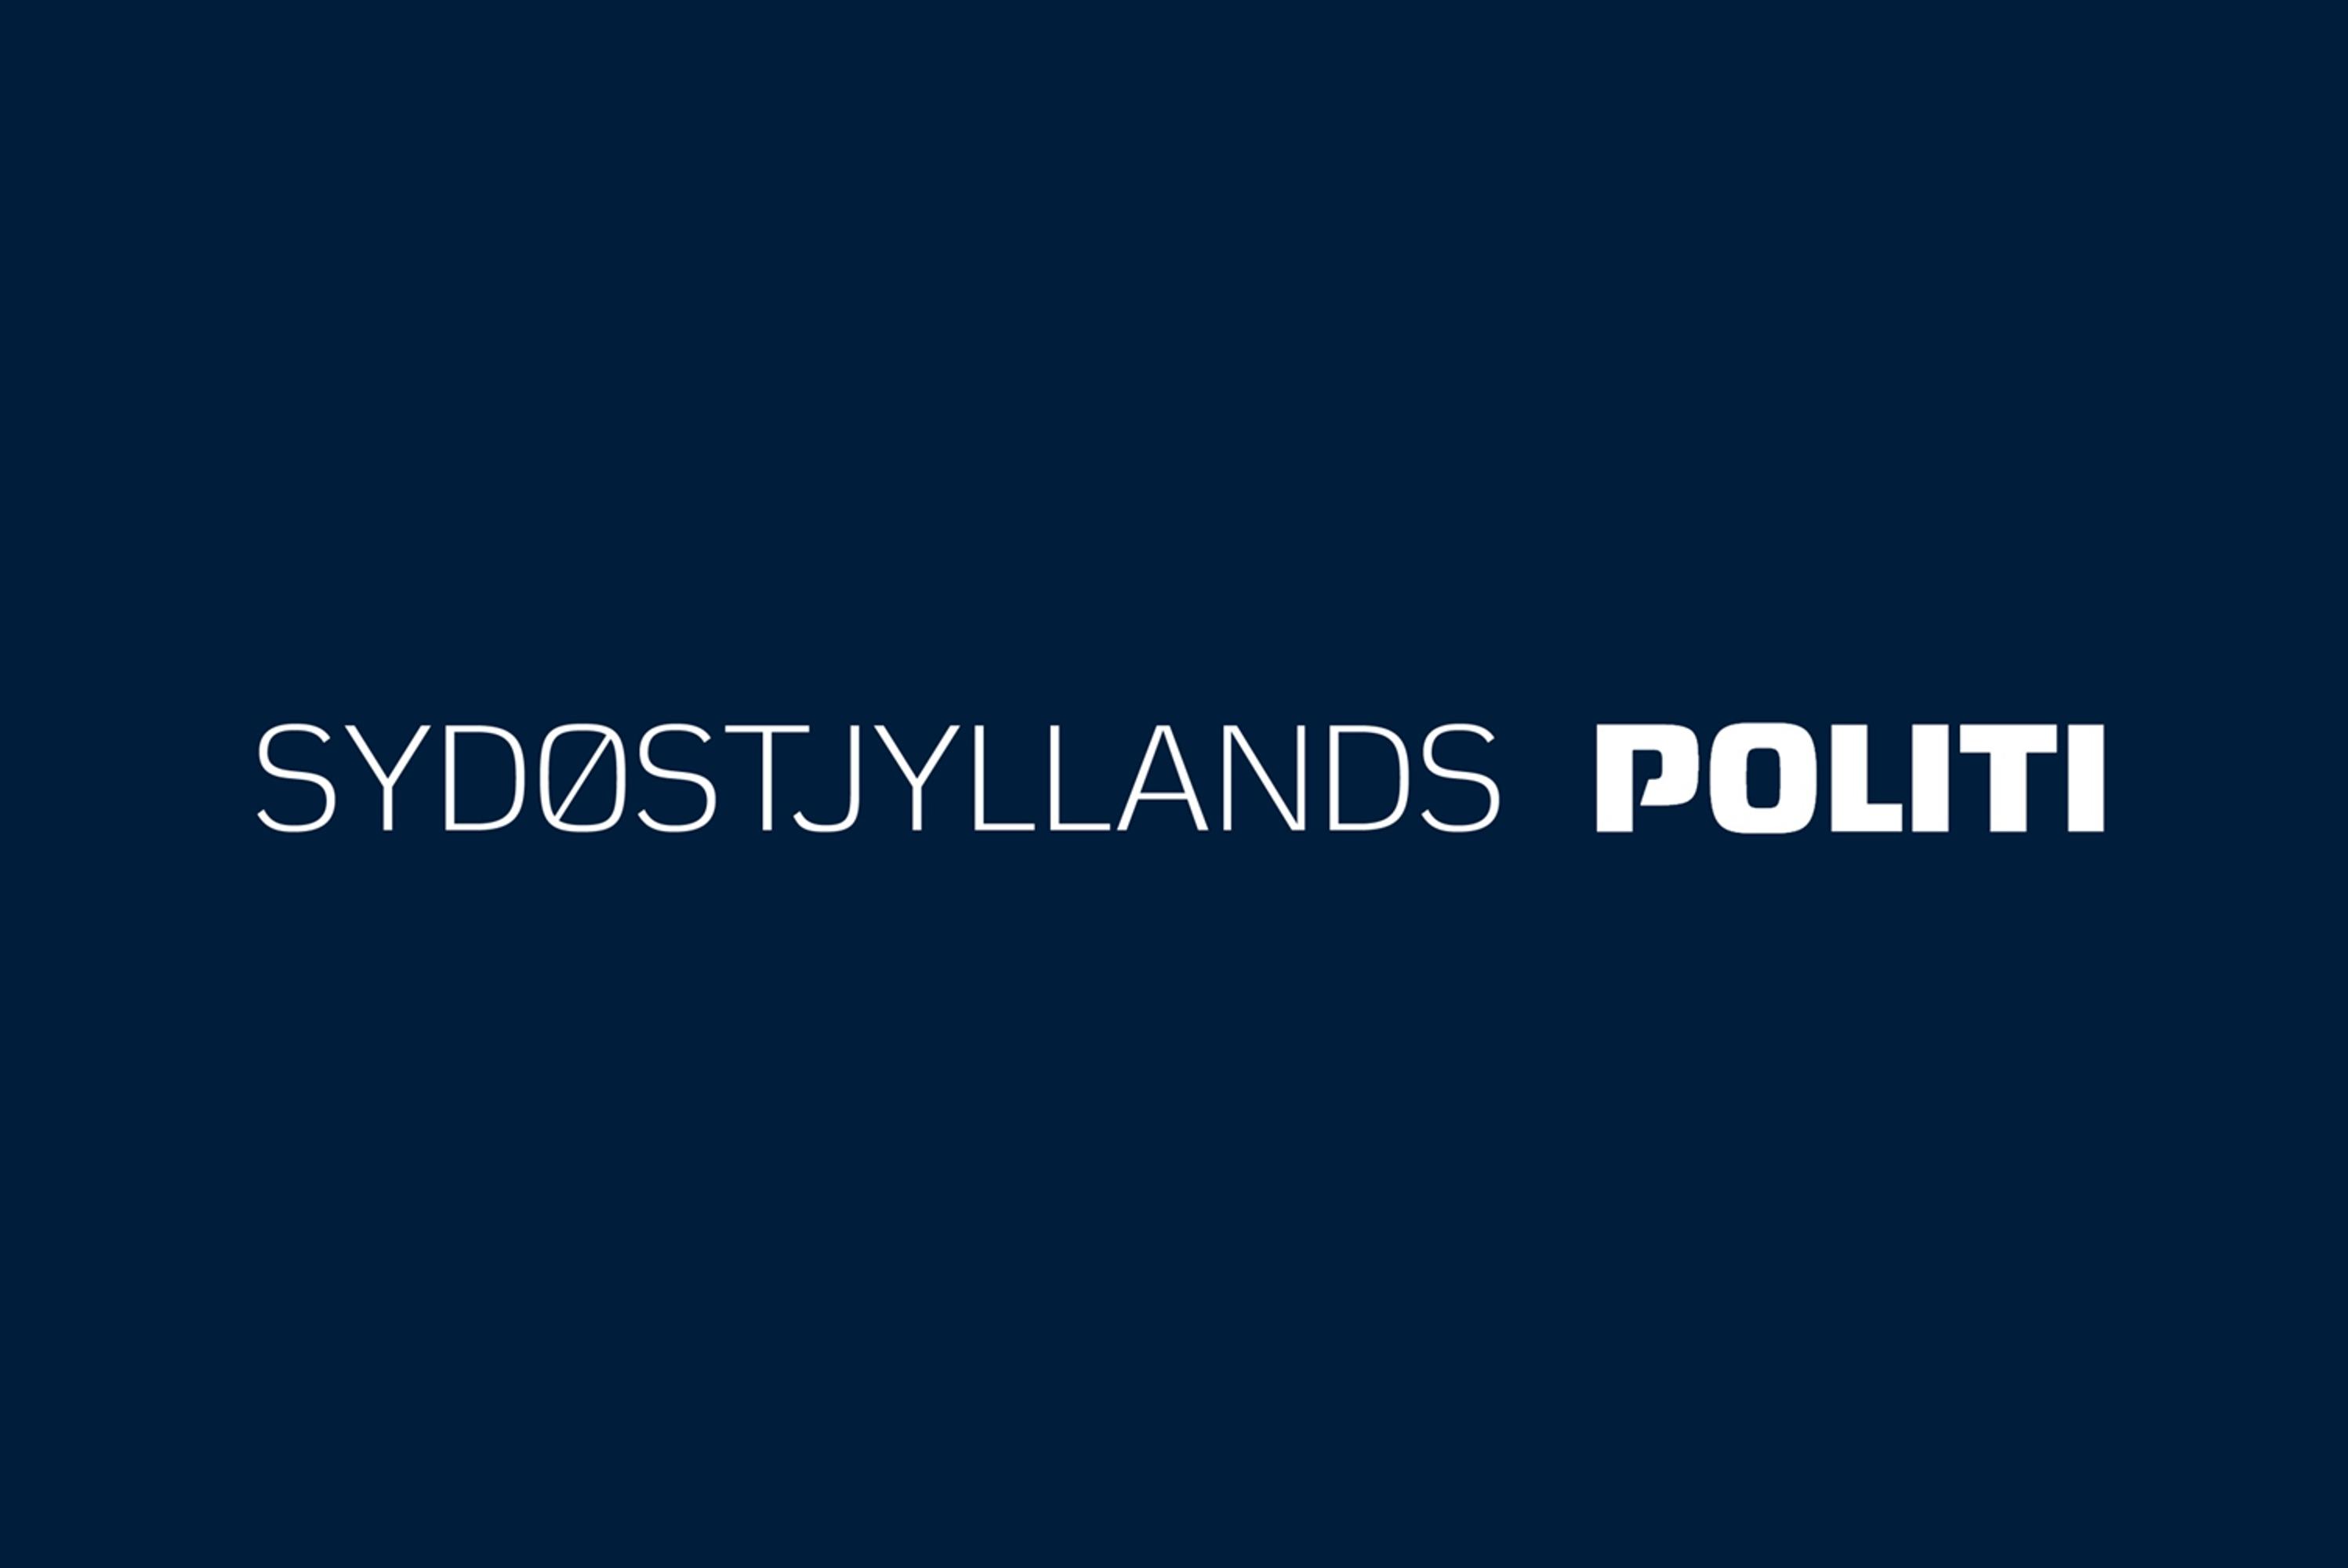 Skoleintranettet 'AULA' også misbrugt i Sydøstjyllands Politikreds |  Nyheder | Sydøstjyllands Politi